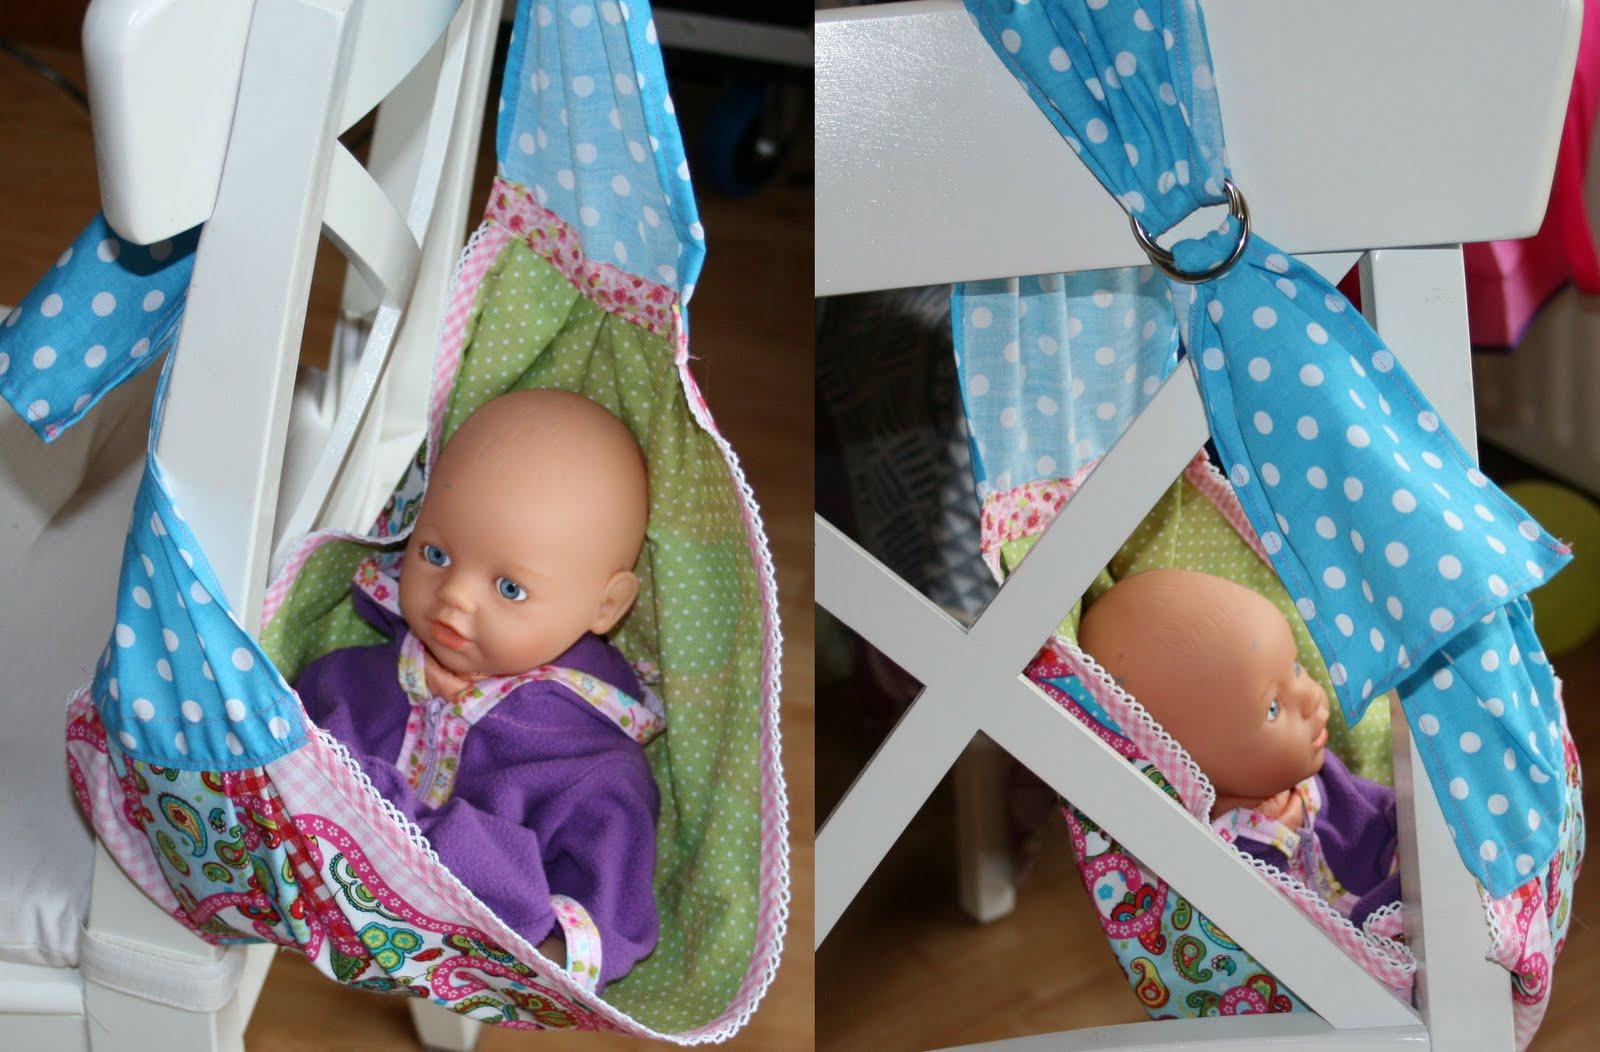 http://2.bp.blogspot.com/-8zcetsCoRRs/TeEED4Sn6OI/AAAAAAAABAw/EQWwI4J9oKY/s1600/babyborndraagzak.jpg